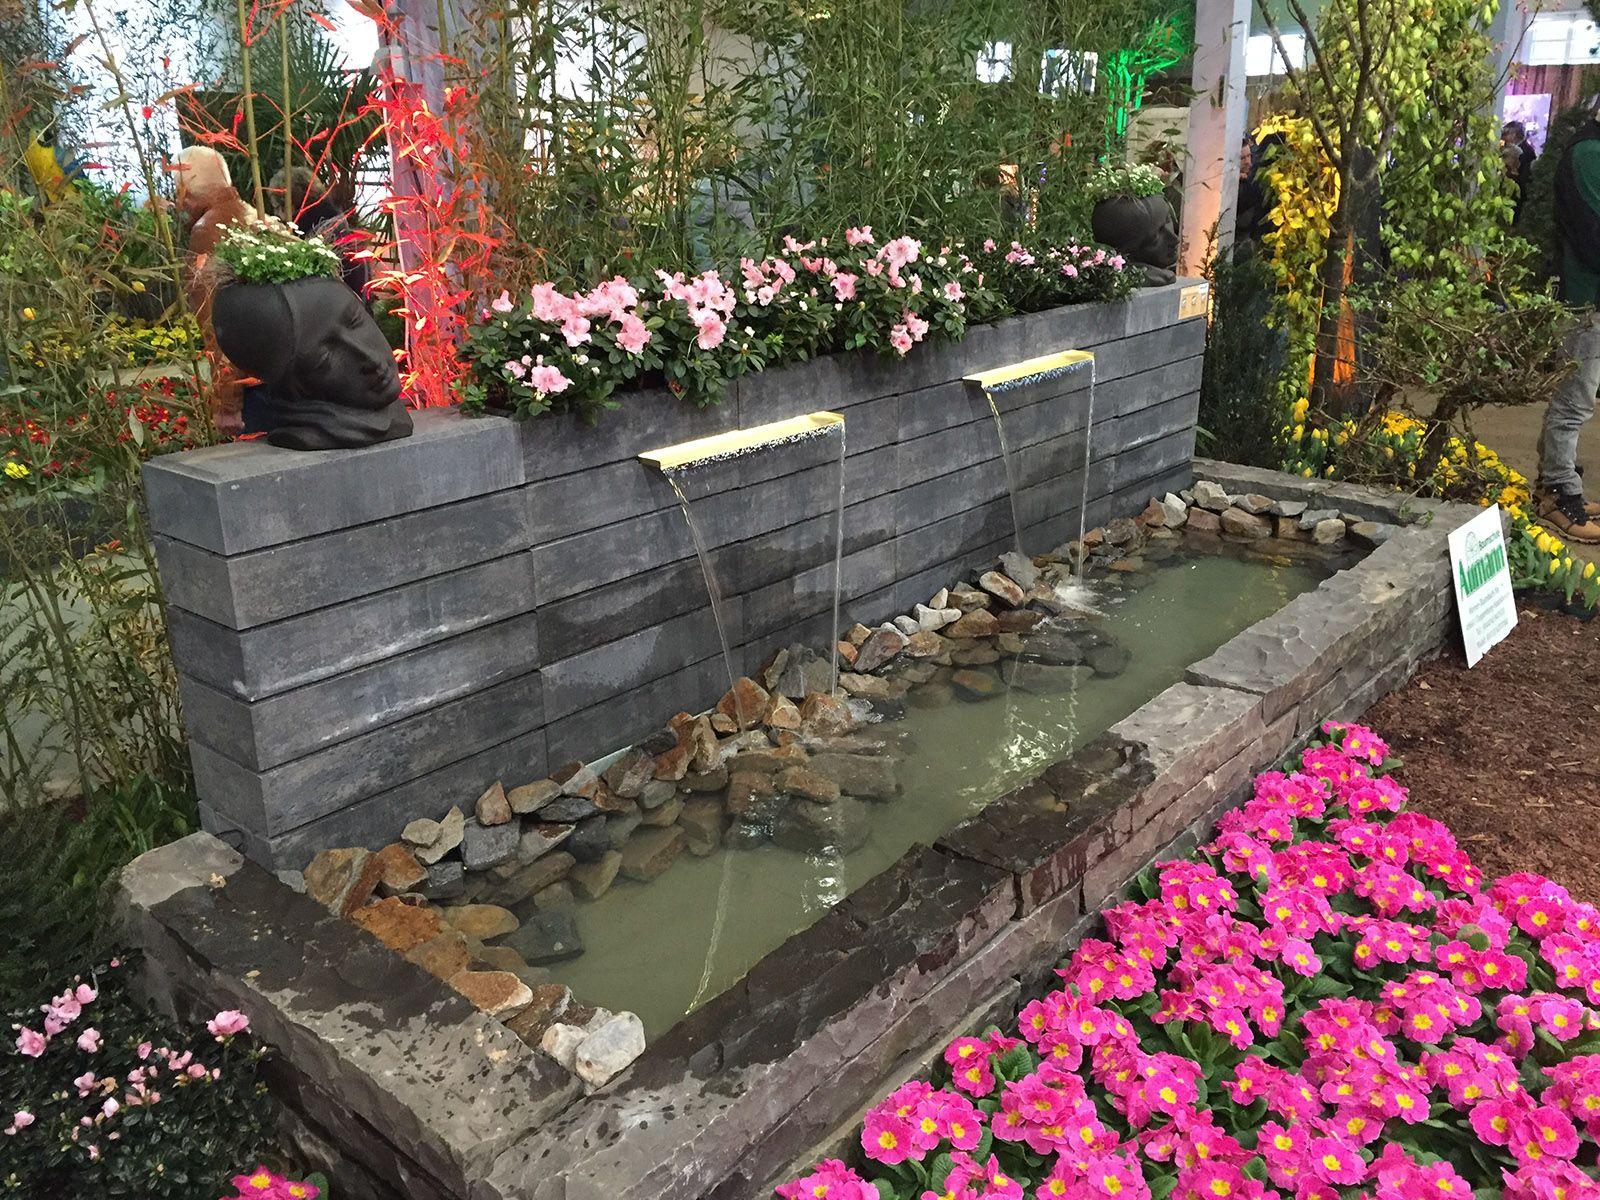 Mauer Mit Wasserfall Wasserspiele Fur Den Garten Garten Japanischer Garten Japanischer Garten Anlegen